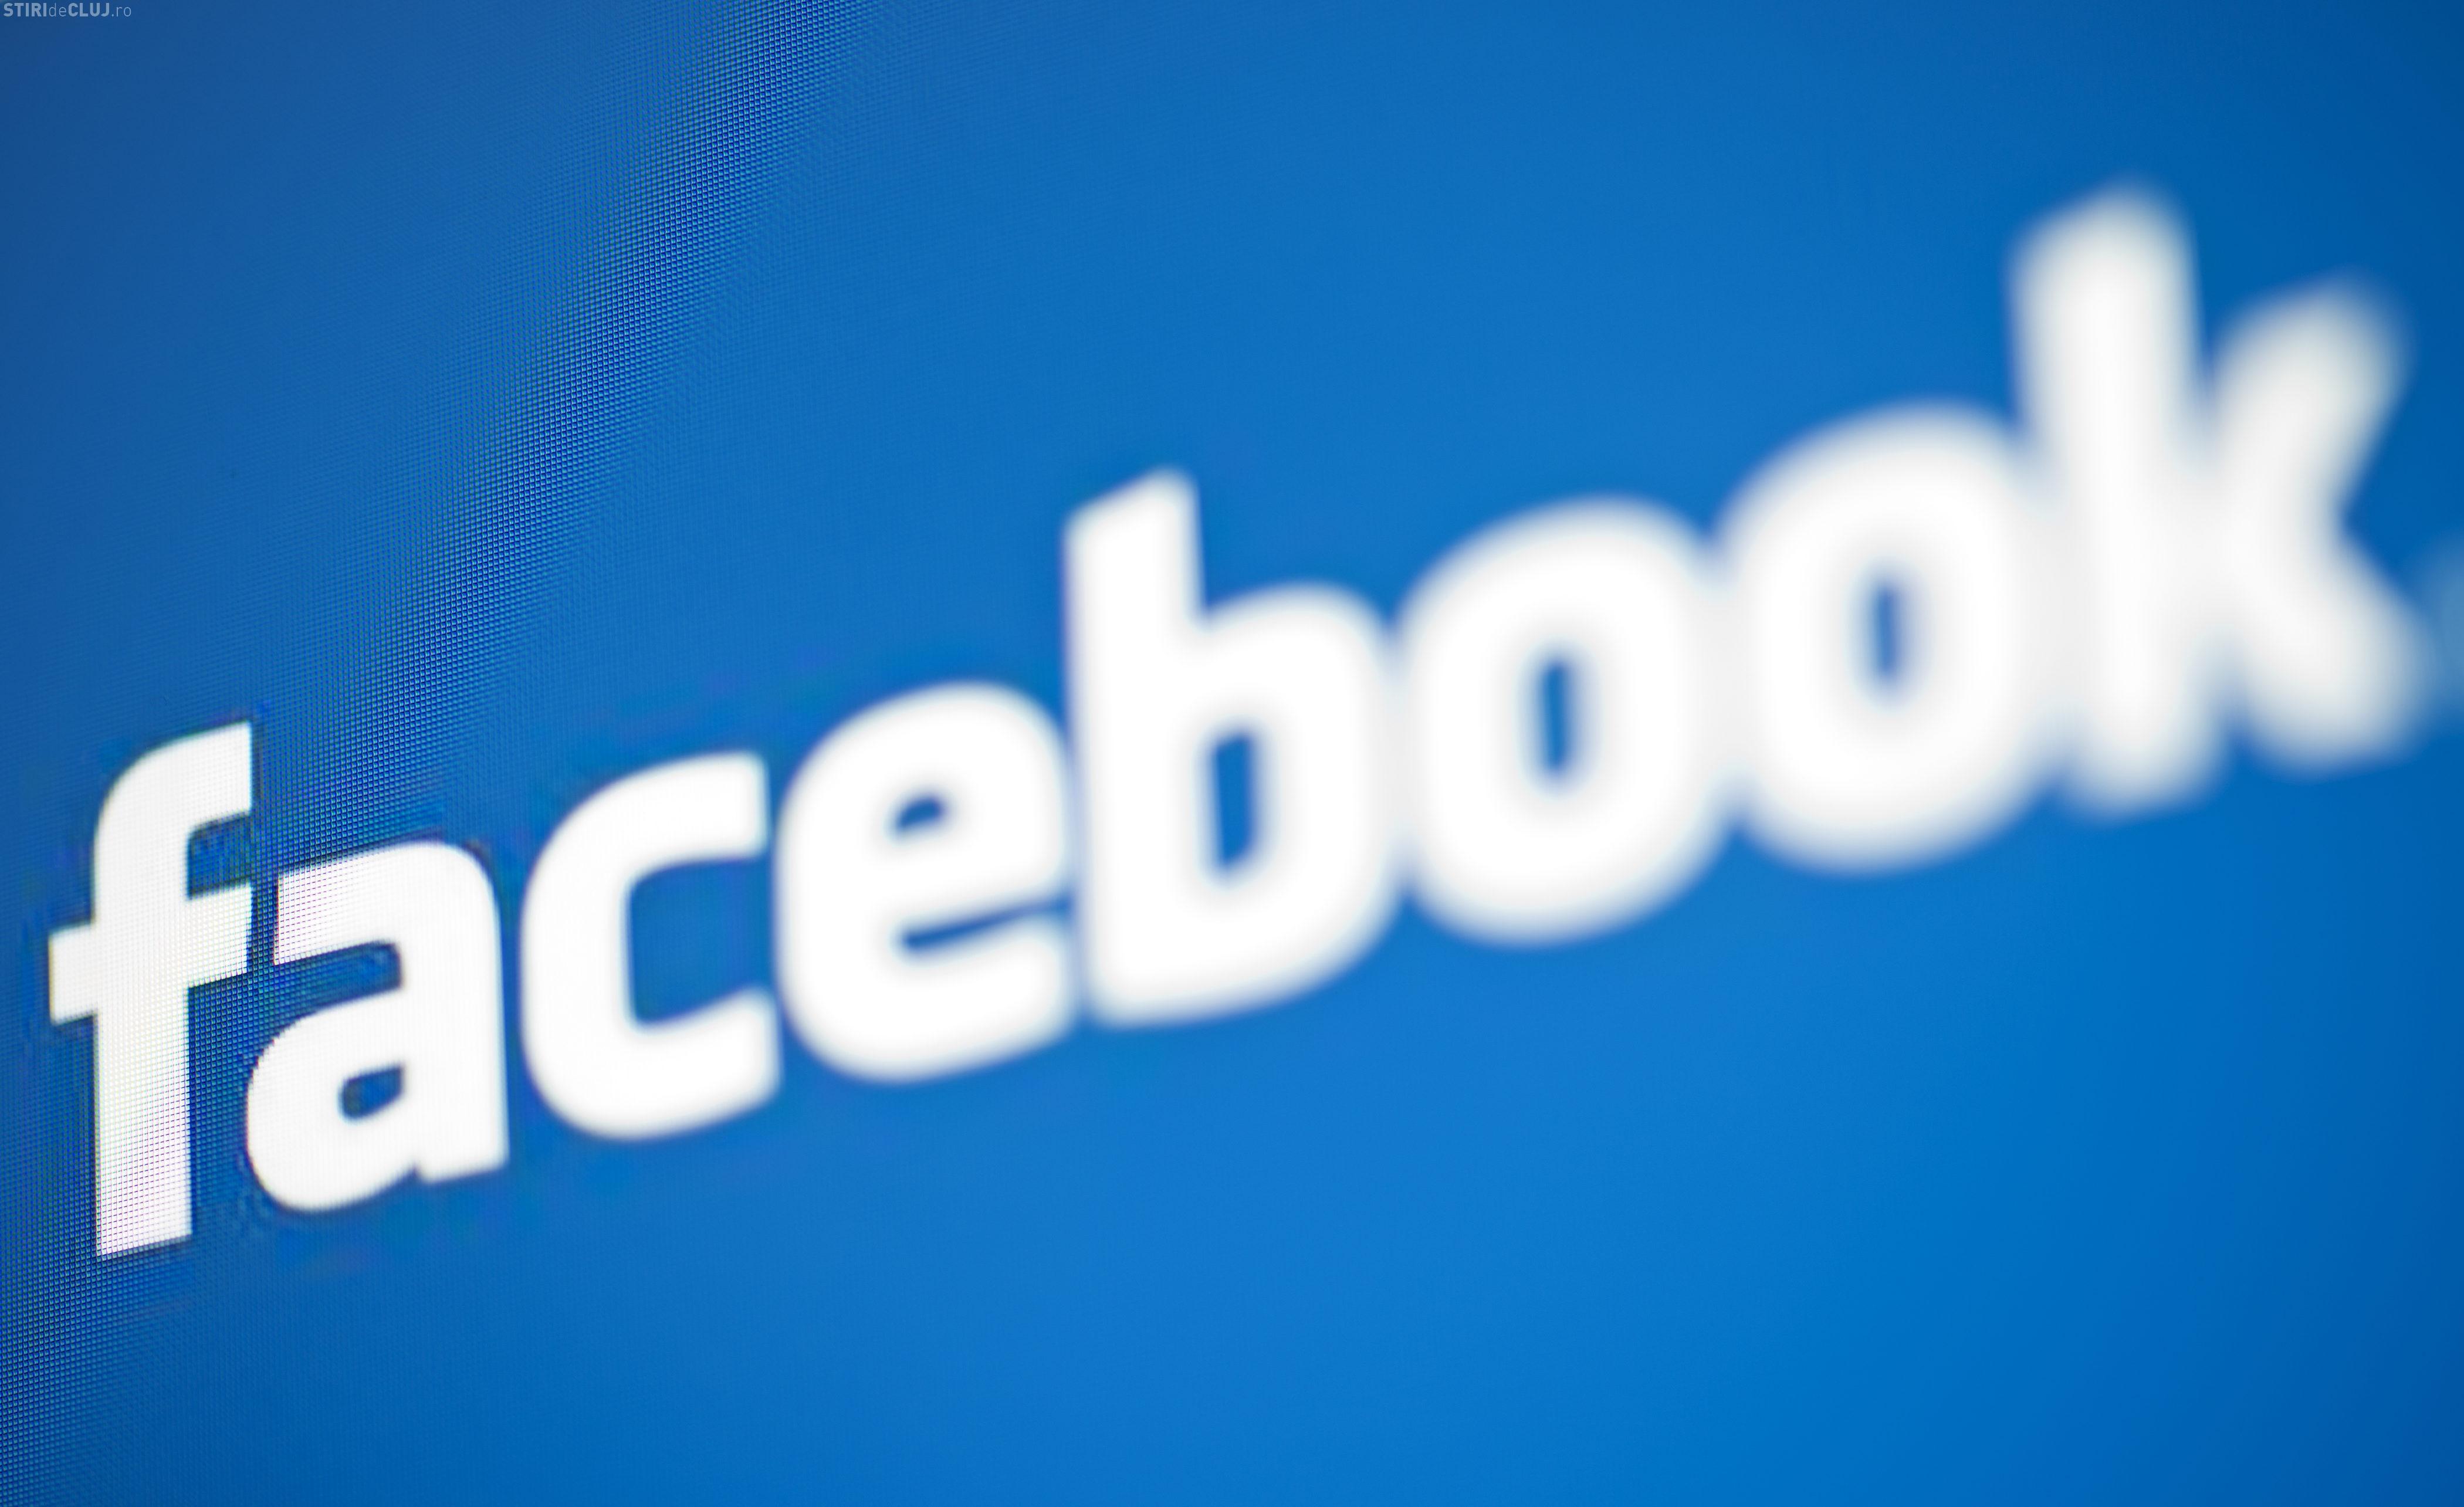 Facebook lucrează la o funcție care îi va enerva pe utilizatori! Unde vor apărea reclame